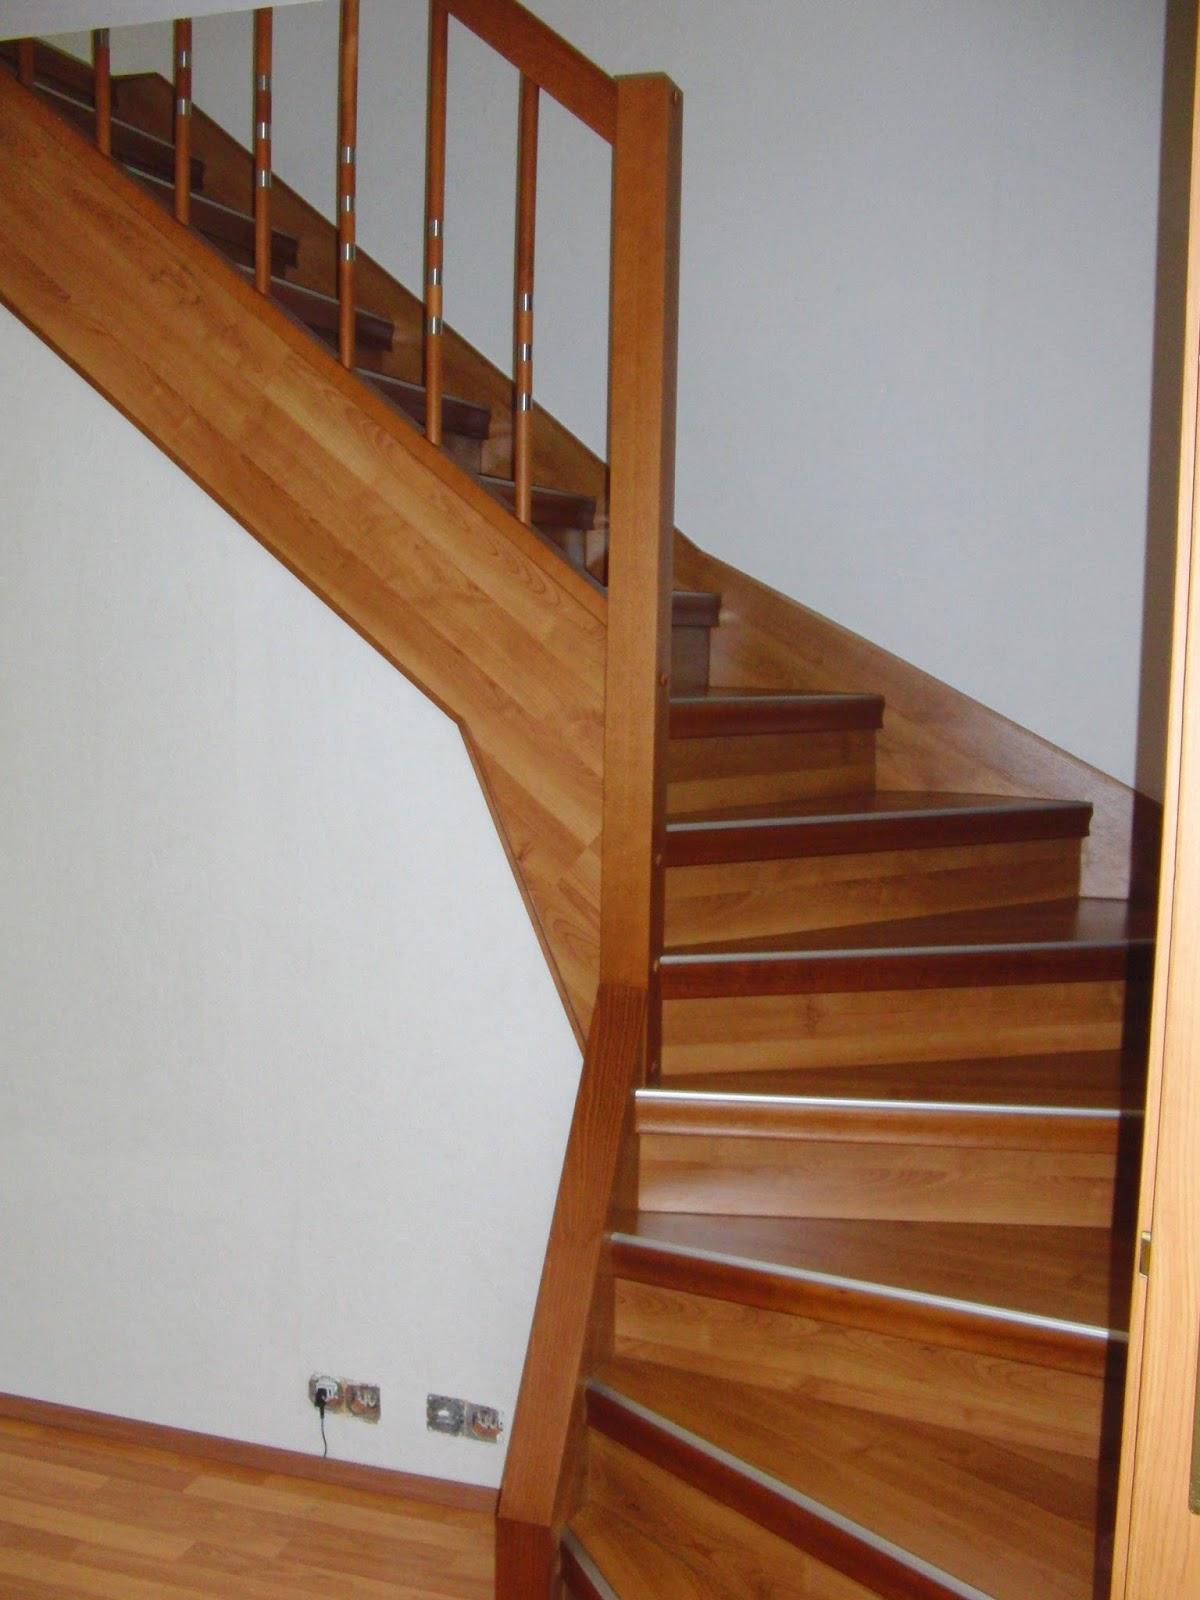 Treppenrenovierung Treppe renovieren  was sollte beachtet werden